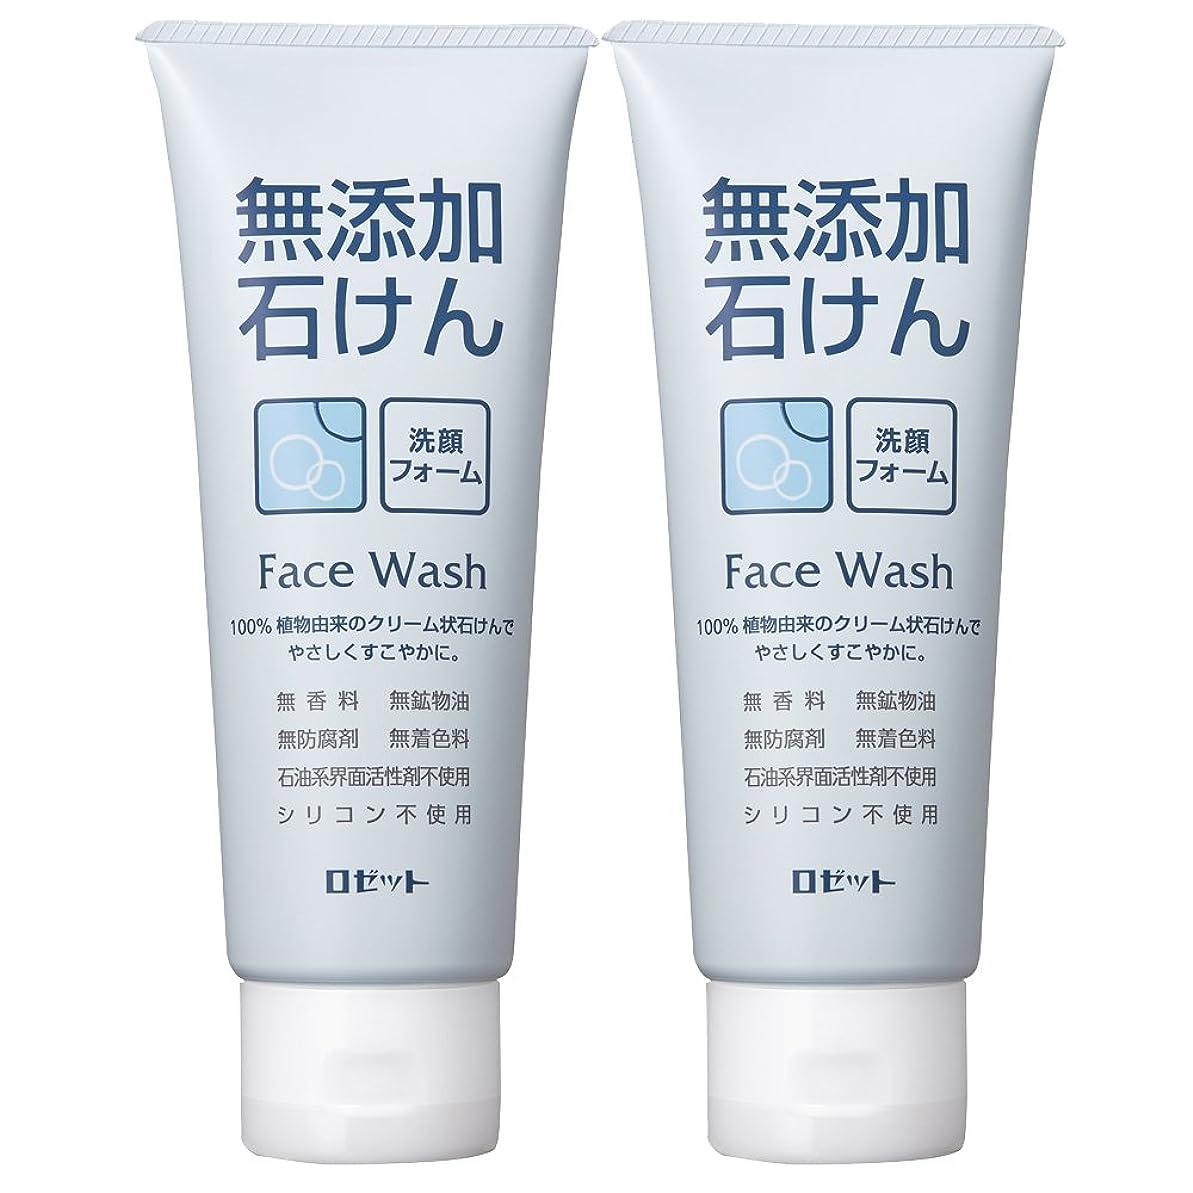 行き当たりばったり手コンパスロゼット 無添加石けん 洗顔フォーム 140g×2個パック AZ